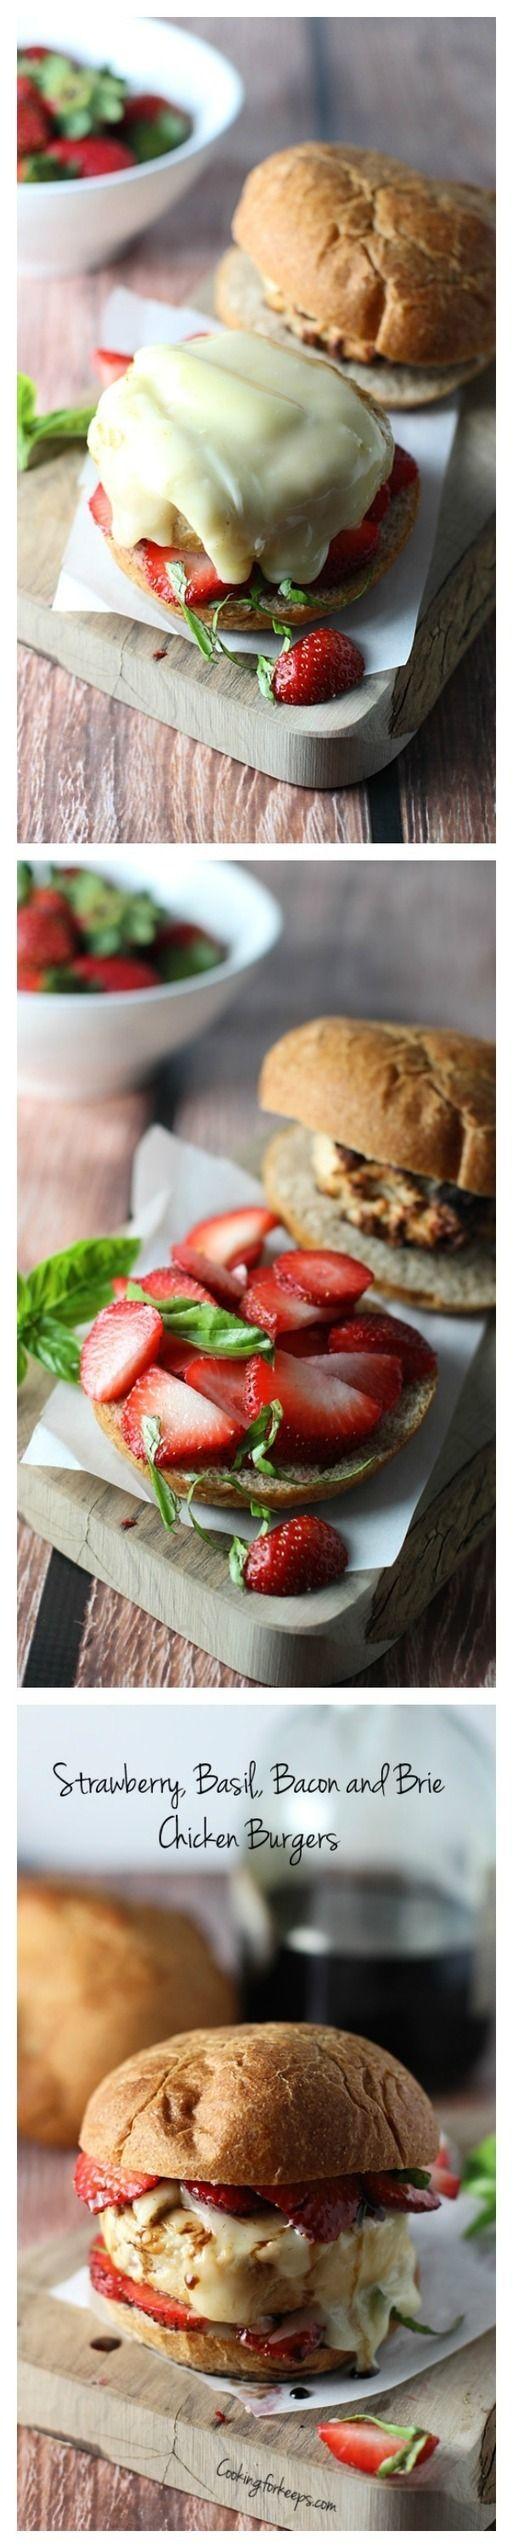 ... Recipes en Pinterest | Recetas de cocina, Pasta linguini y Filetes